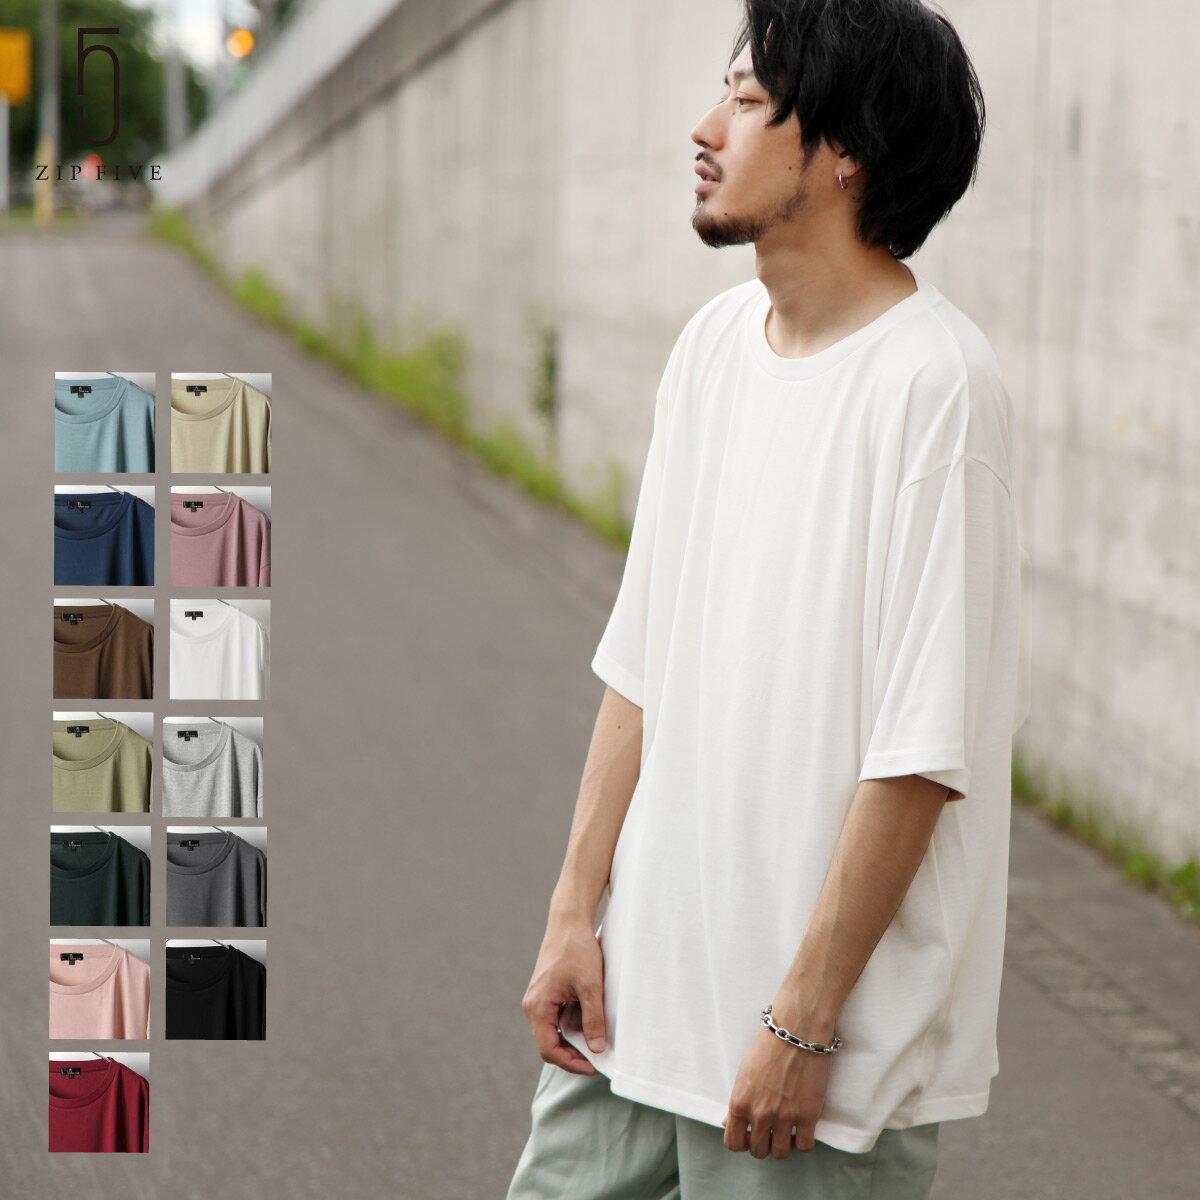 【ZIP】五分袖T恤 寬版 0